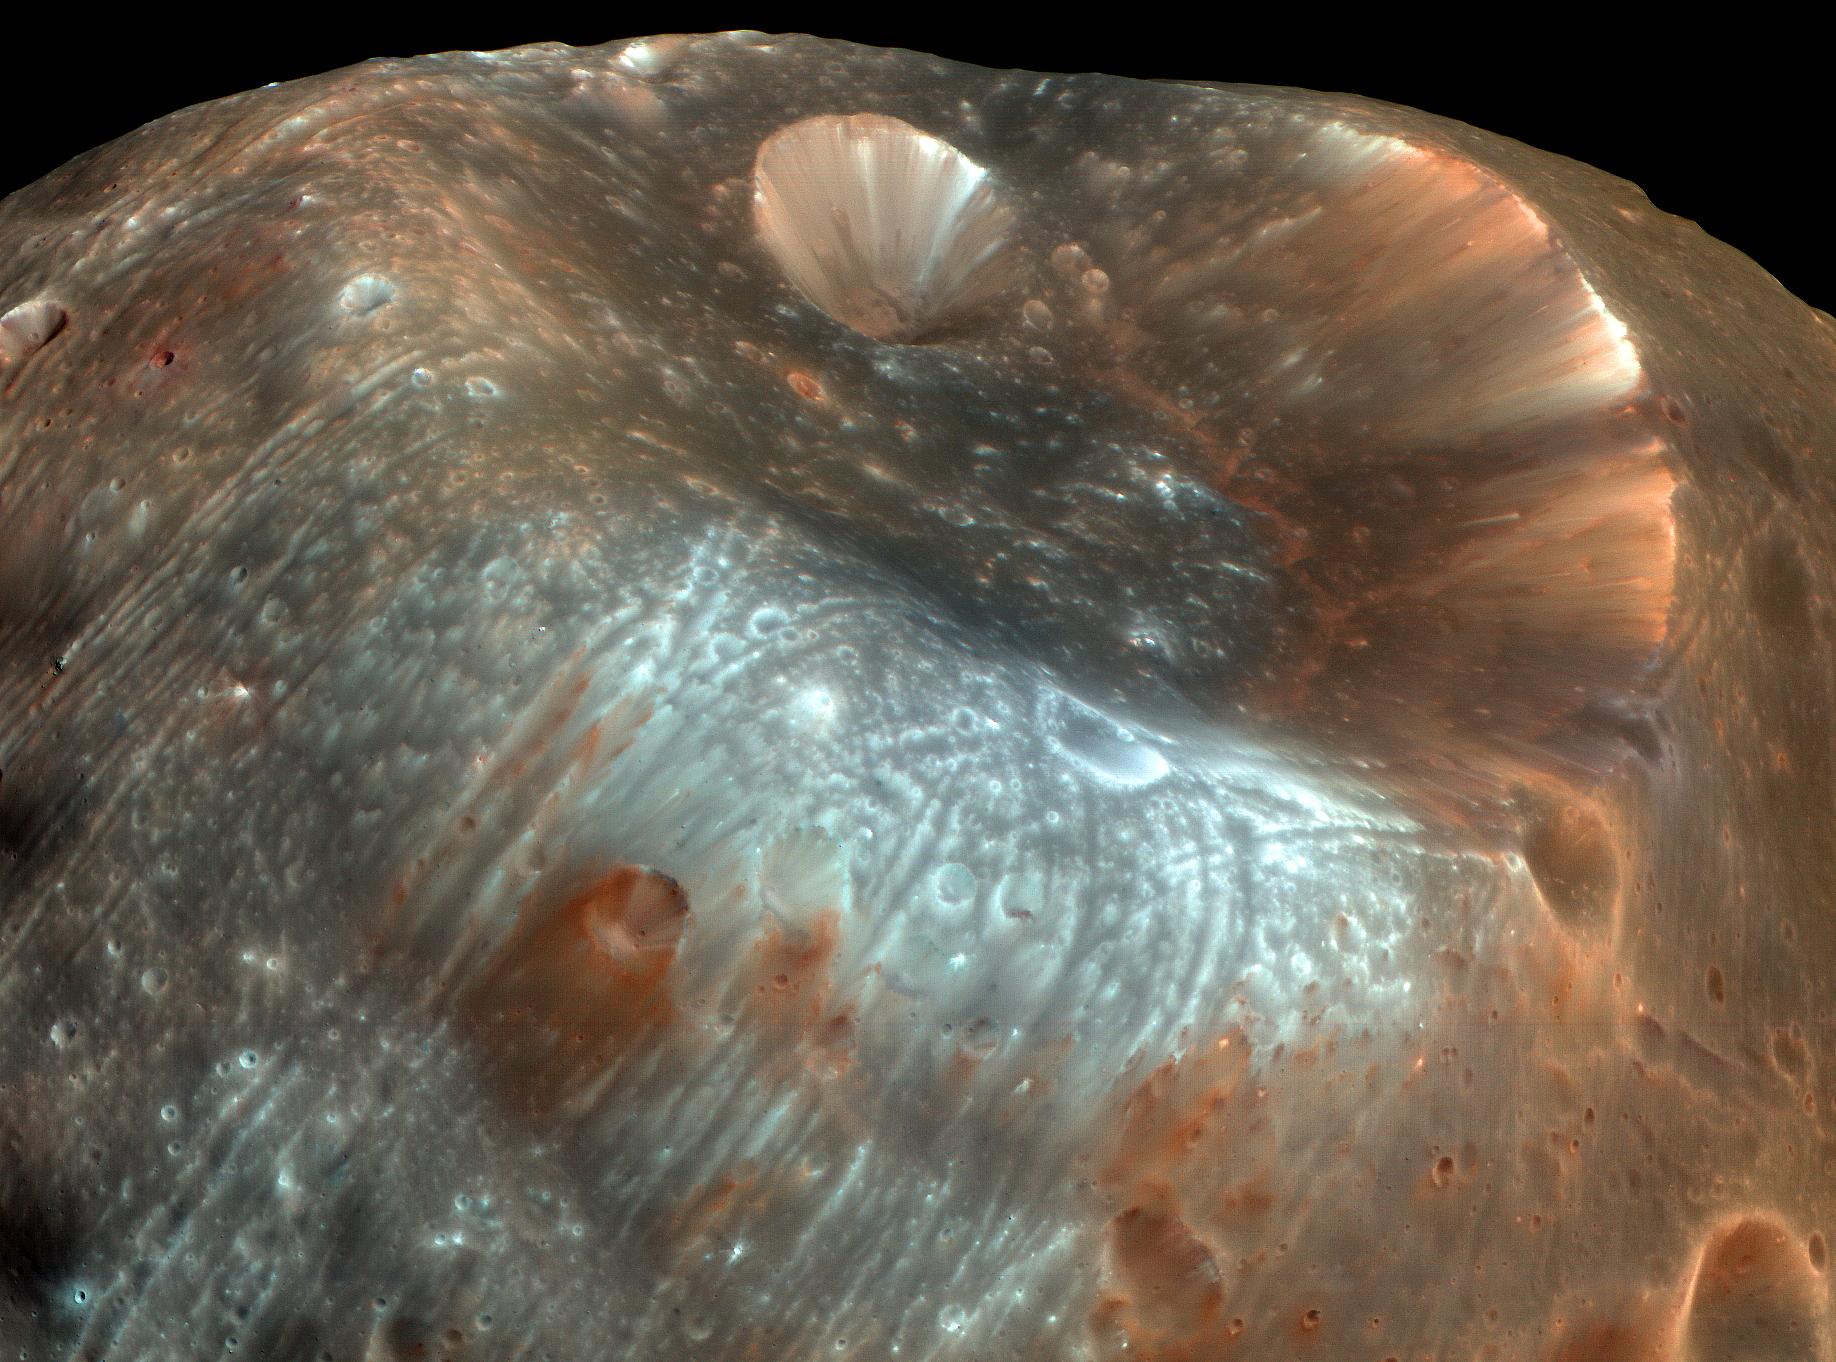 11/07/09: Stickney Crater PSP_007769_9010_IRB_Stickney